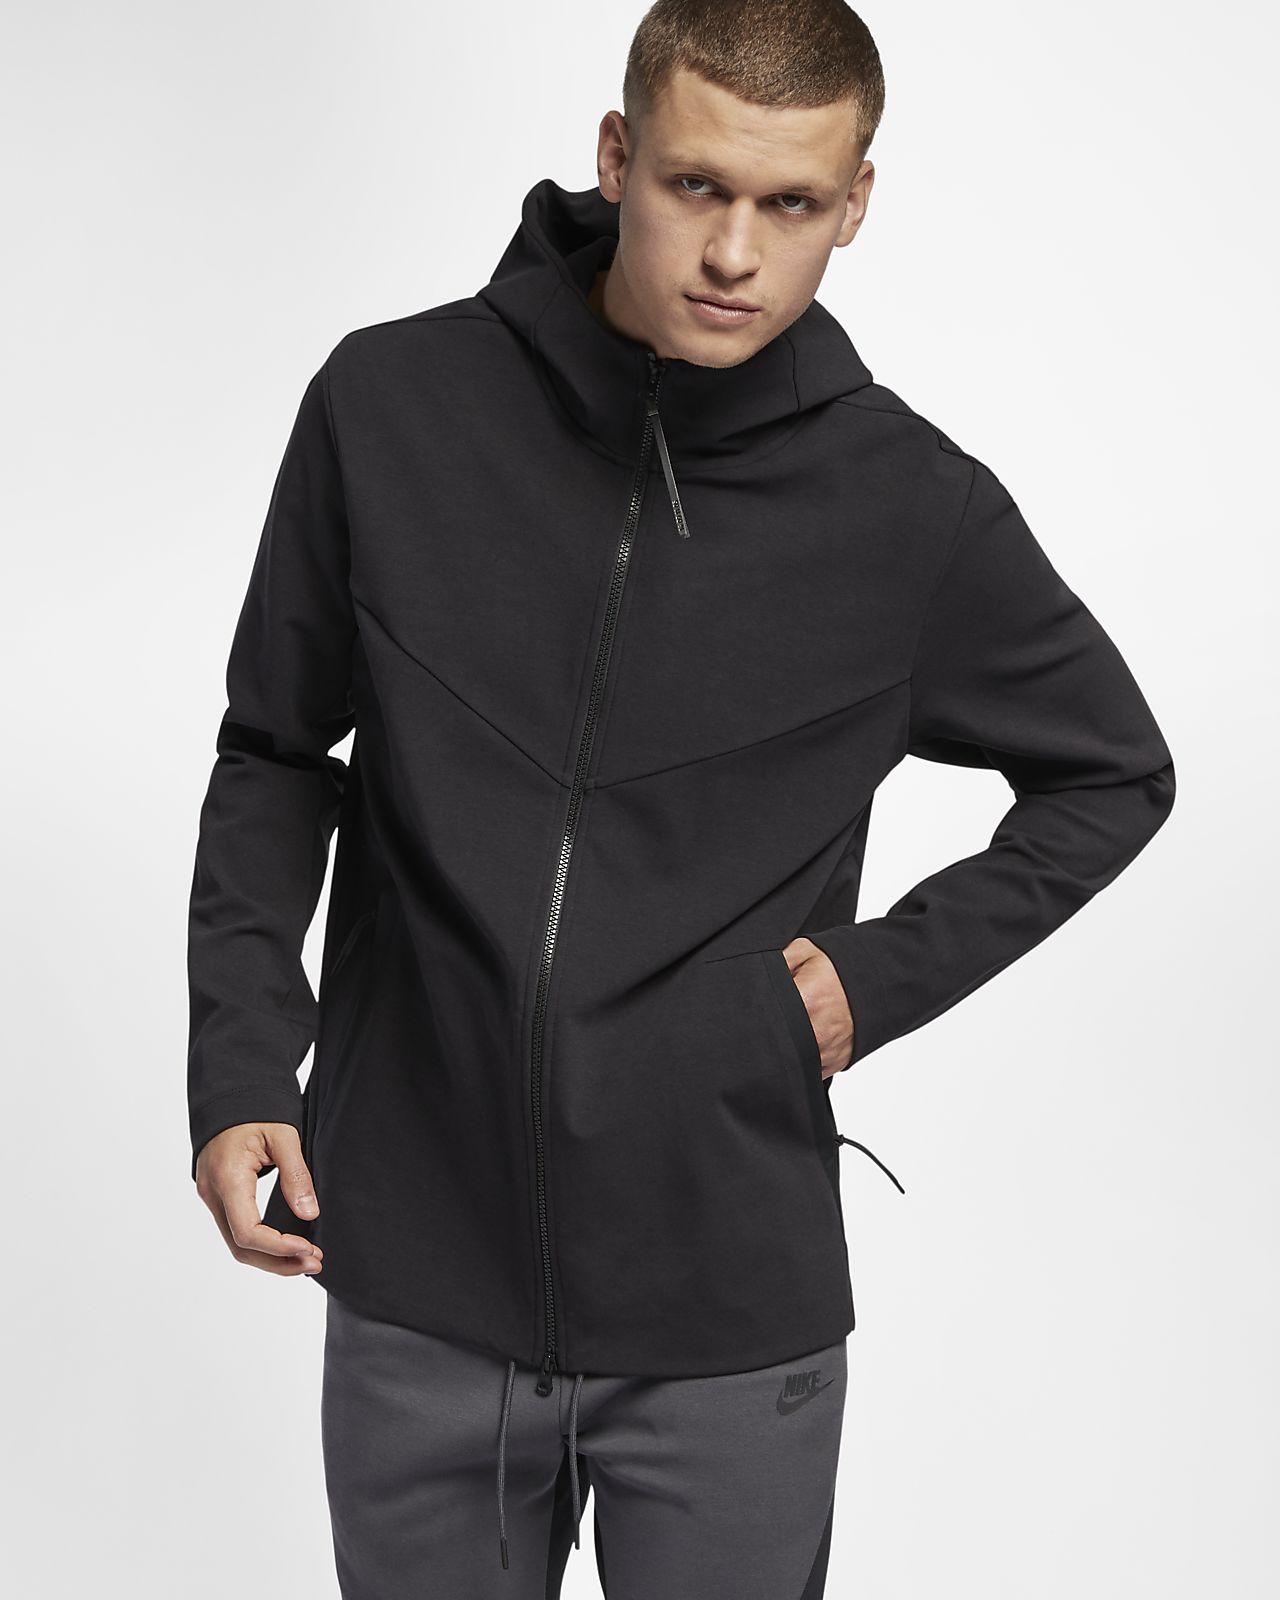 7850aabafcc5 Nike Sportswear Tech Pack Men s Full-Zip Knit Hoodie . Nike.com